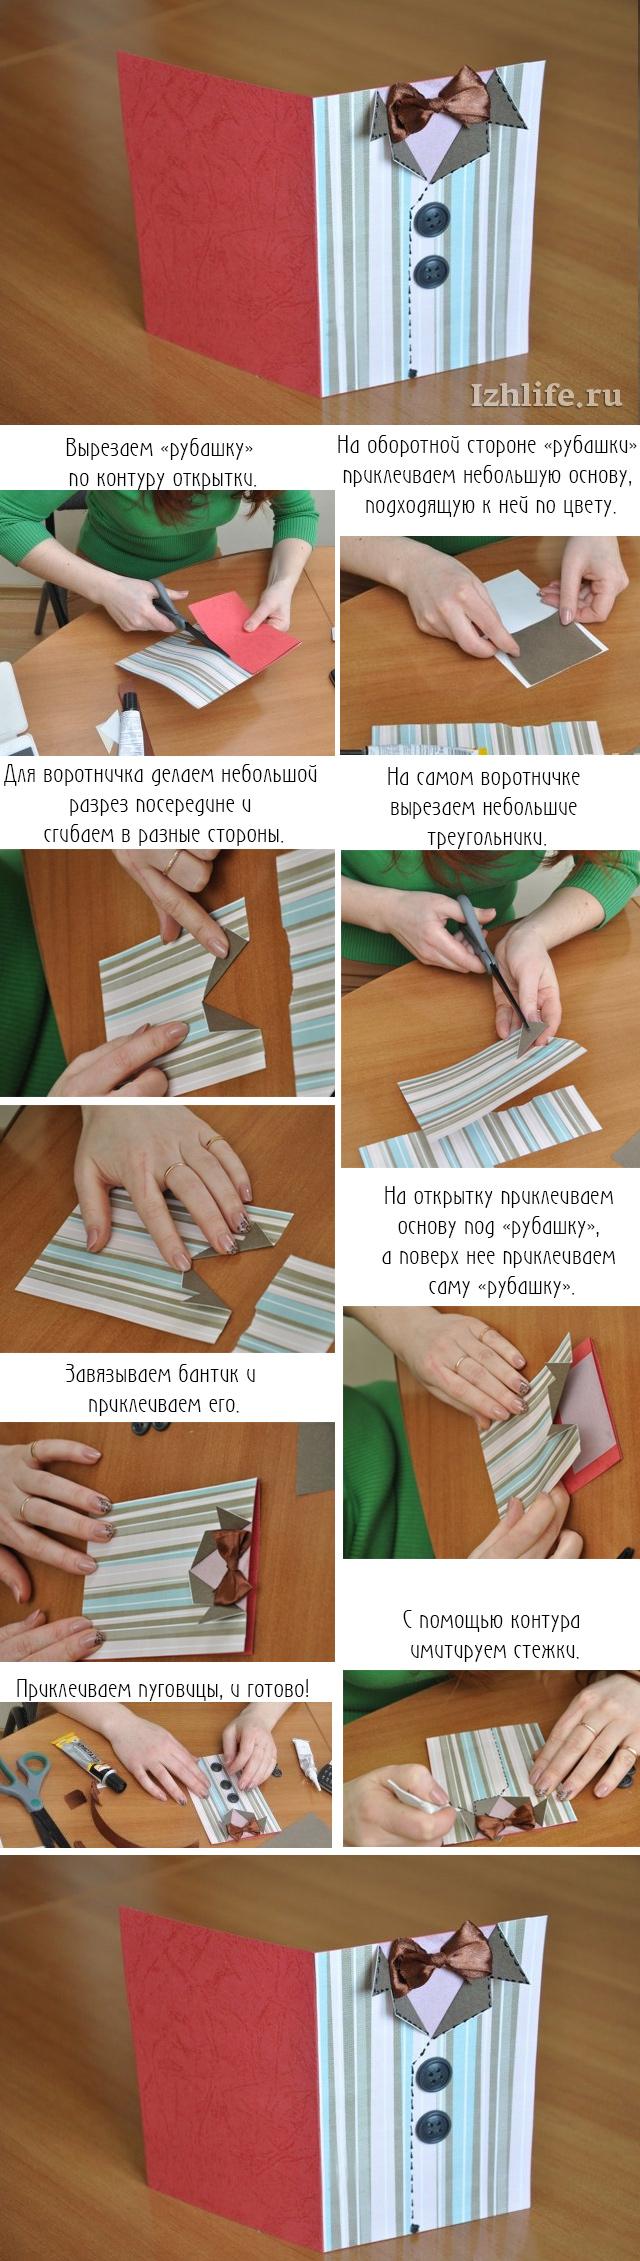 пошаговый мастер класс по созданию открытки для мужчины